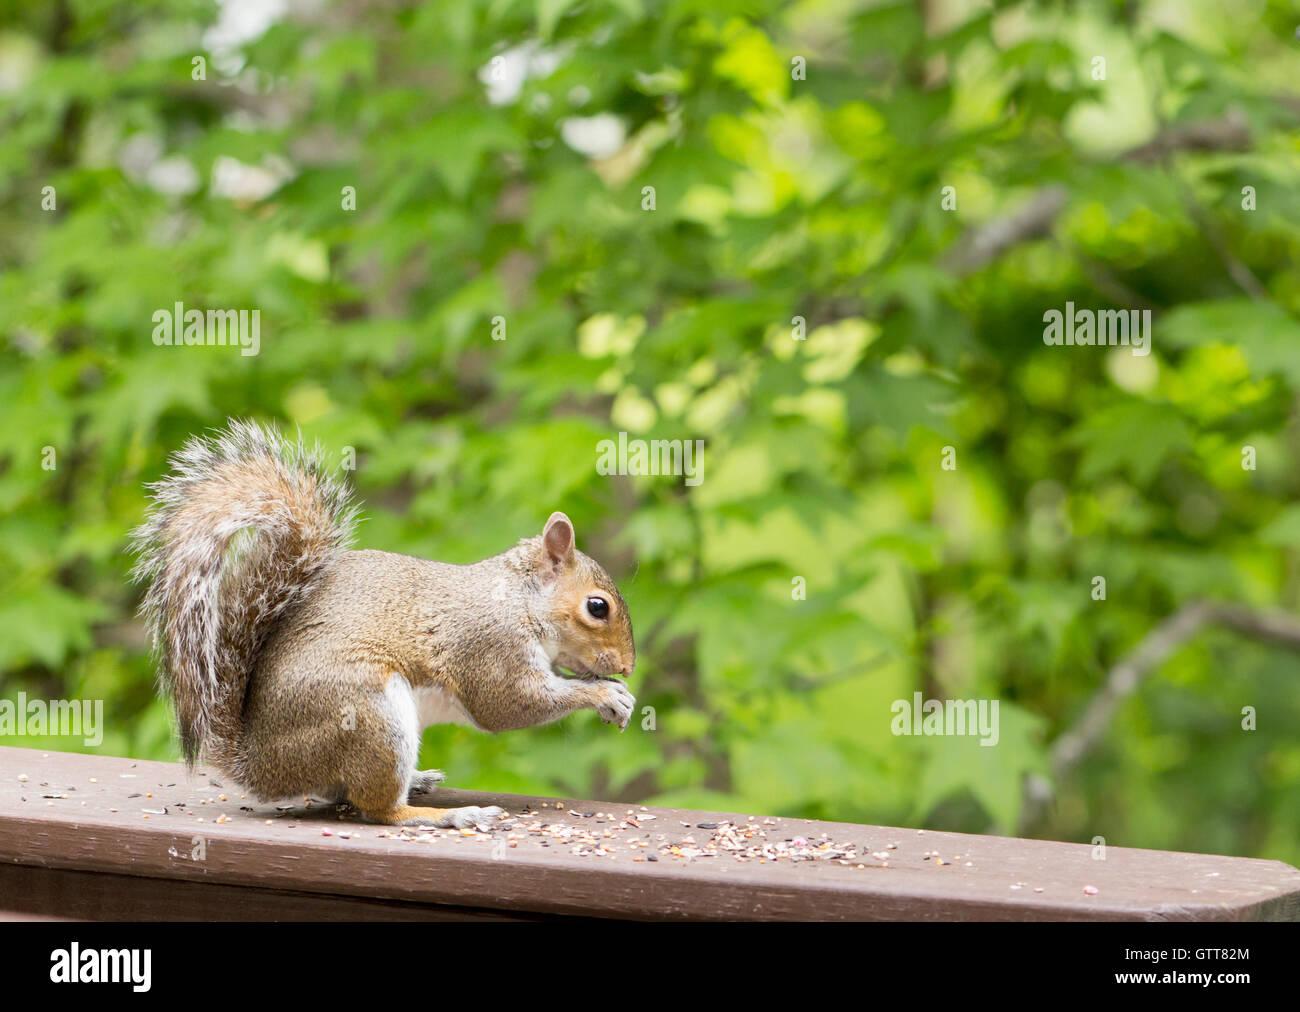 L'écureuil gris de l'eating seeds en position assise sur le pont de fer, à fond vert foncé. Photo Stock